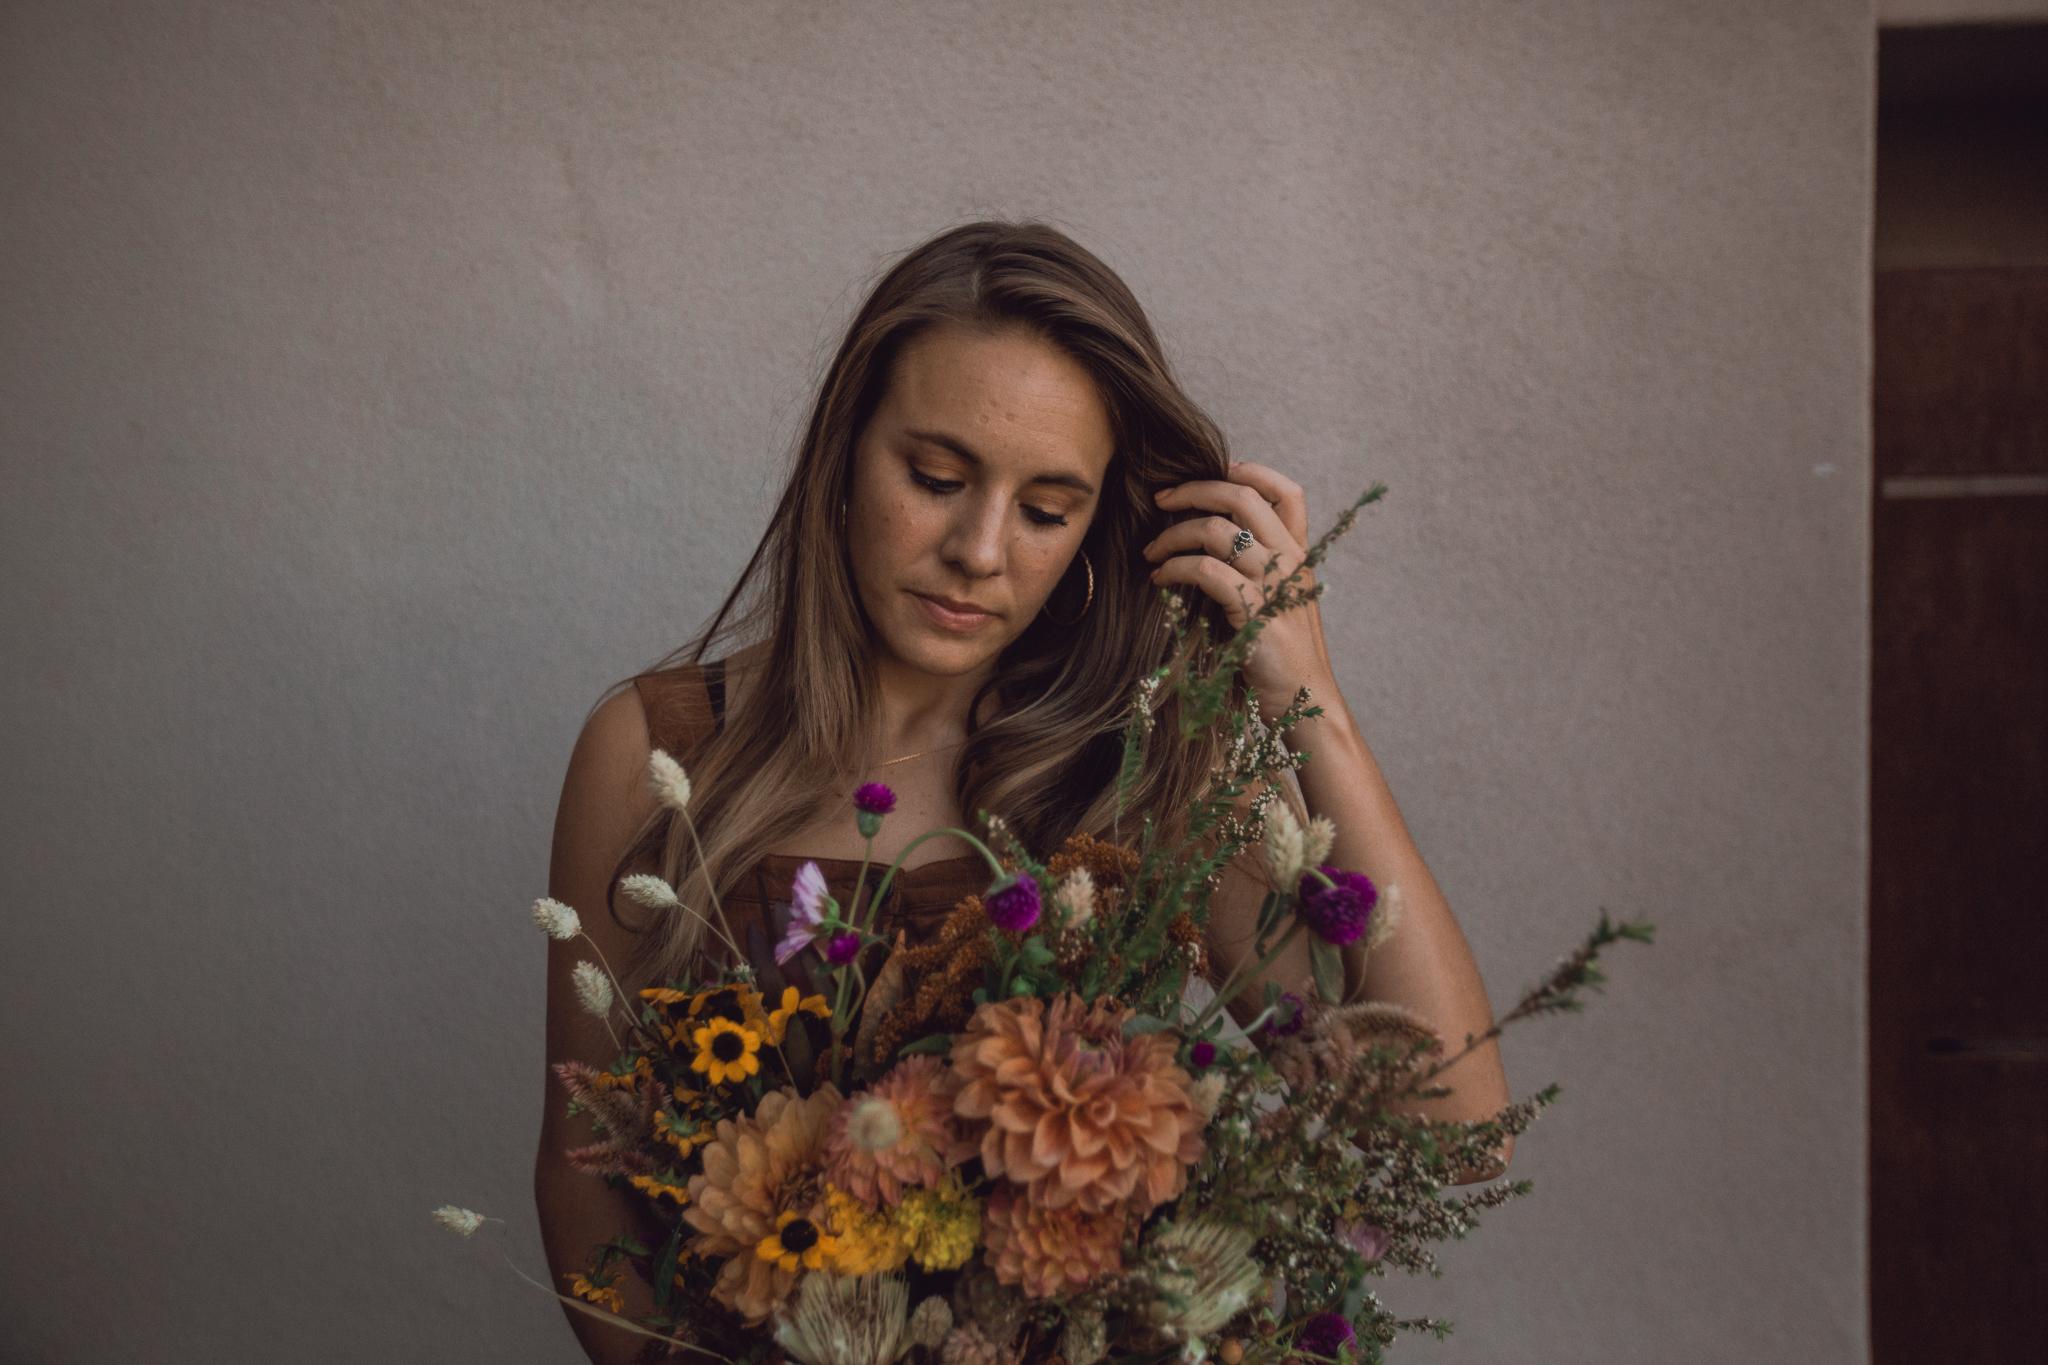 dark-moody-portrait-with-flowers